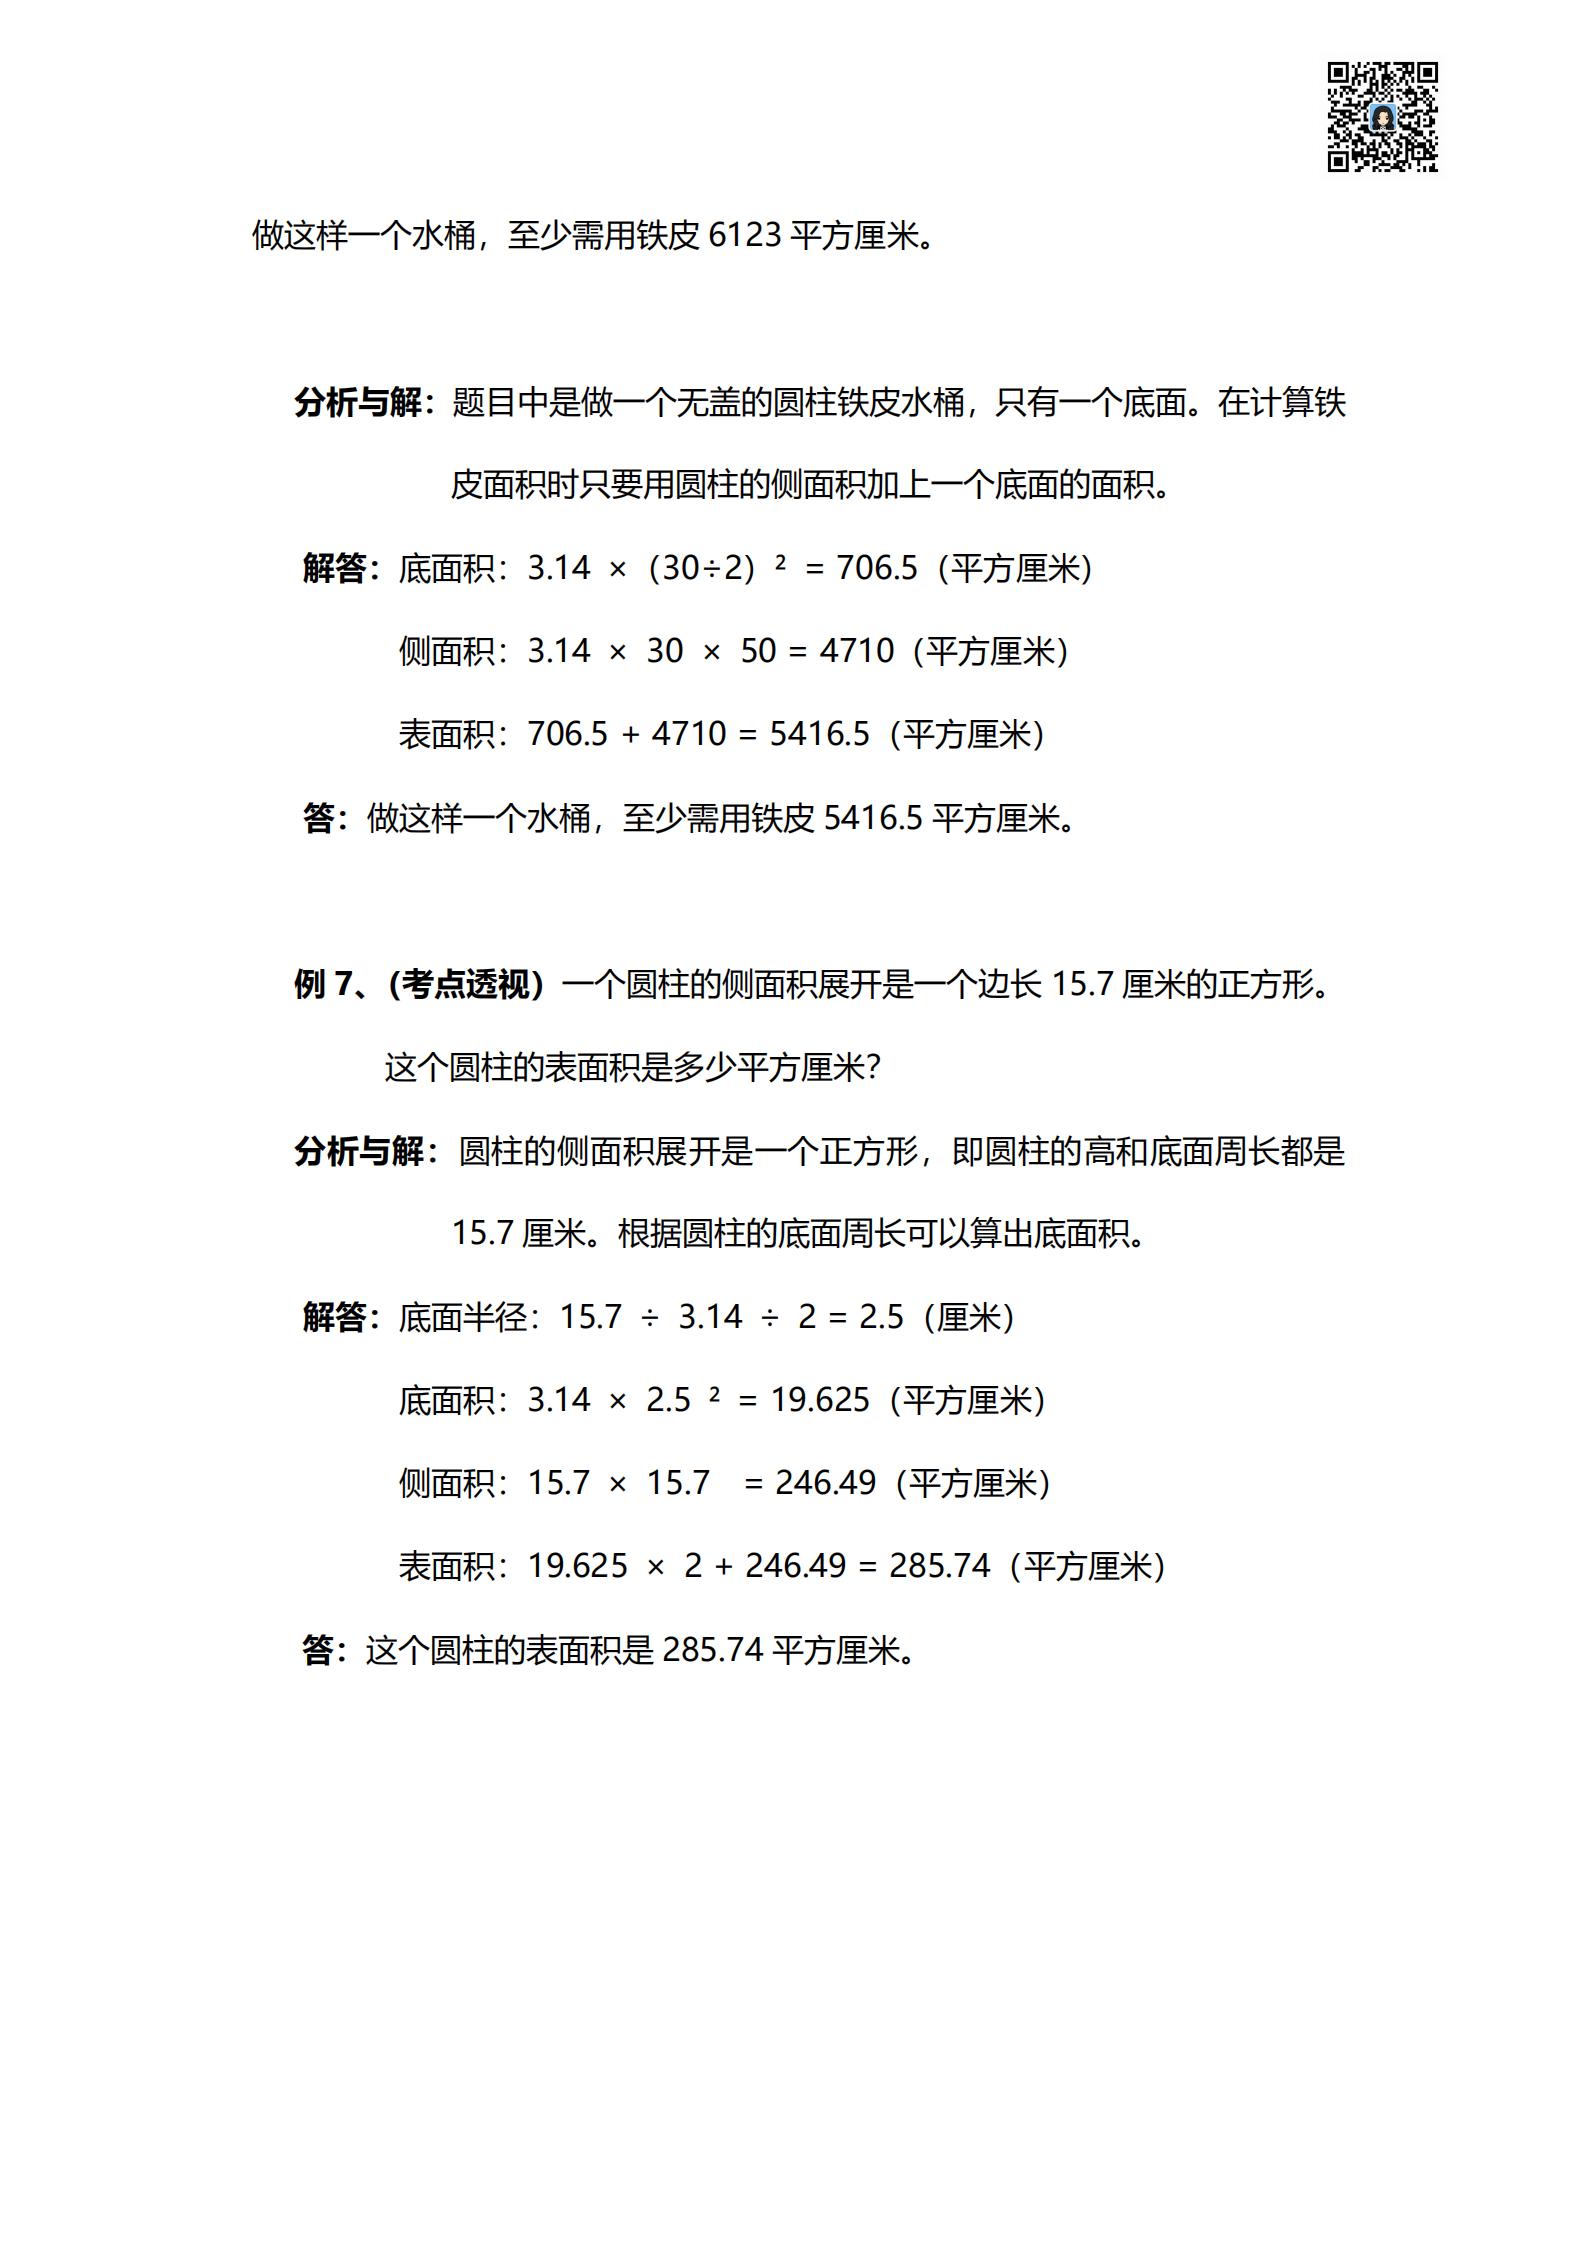 【数学】高频考点-四大专题知识点精选题_05.png